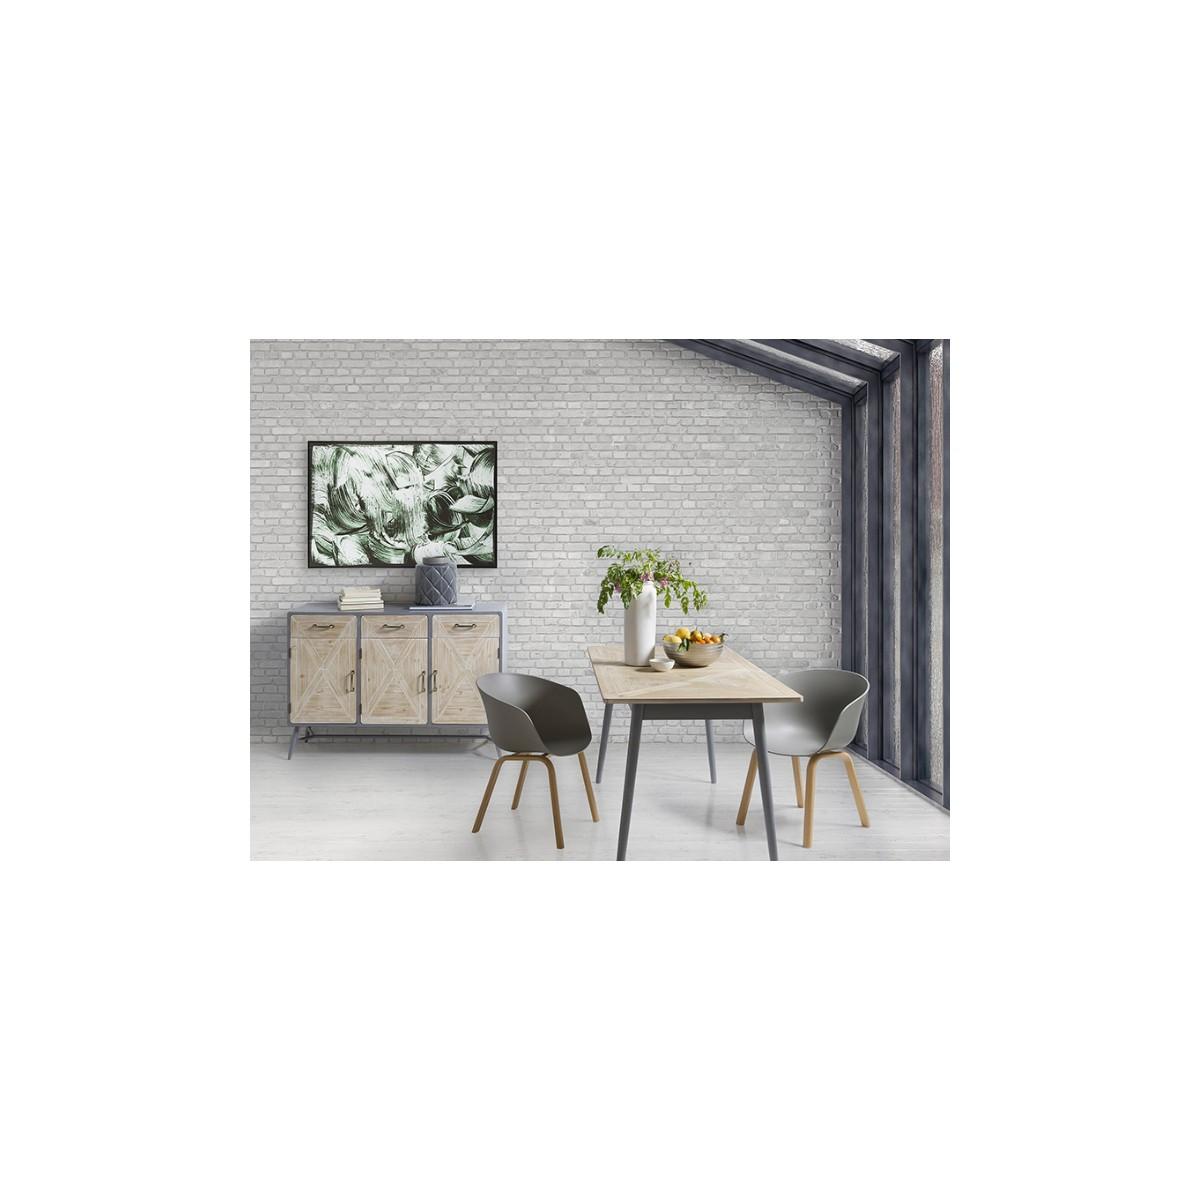 Mesa de comedor de estilo industrial madera y hierro queens for Mesa de comedor de estilo industrial